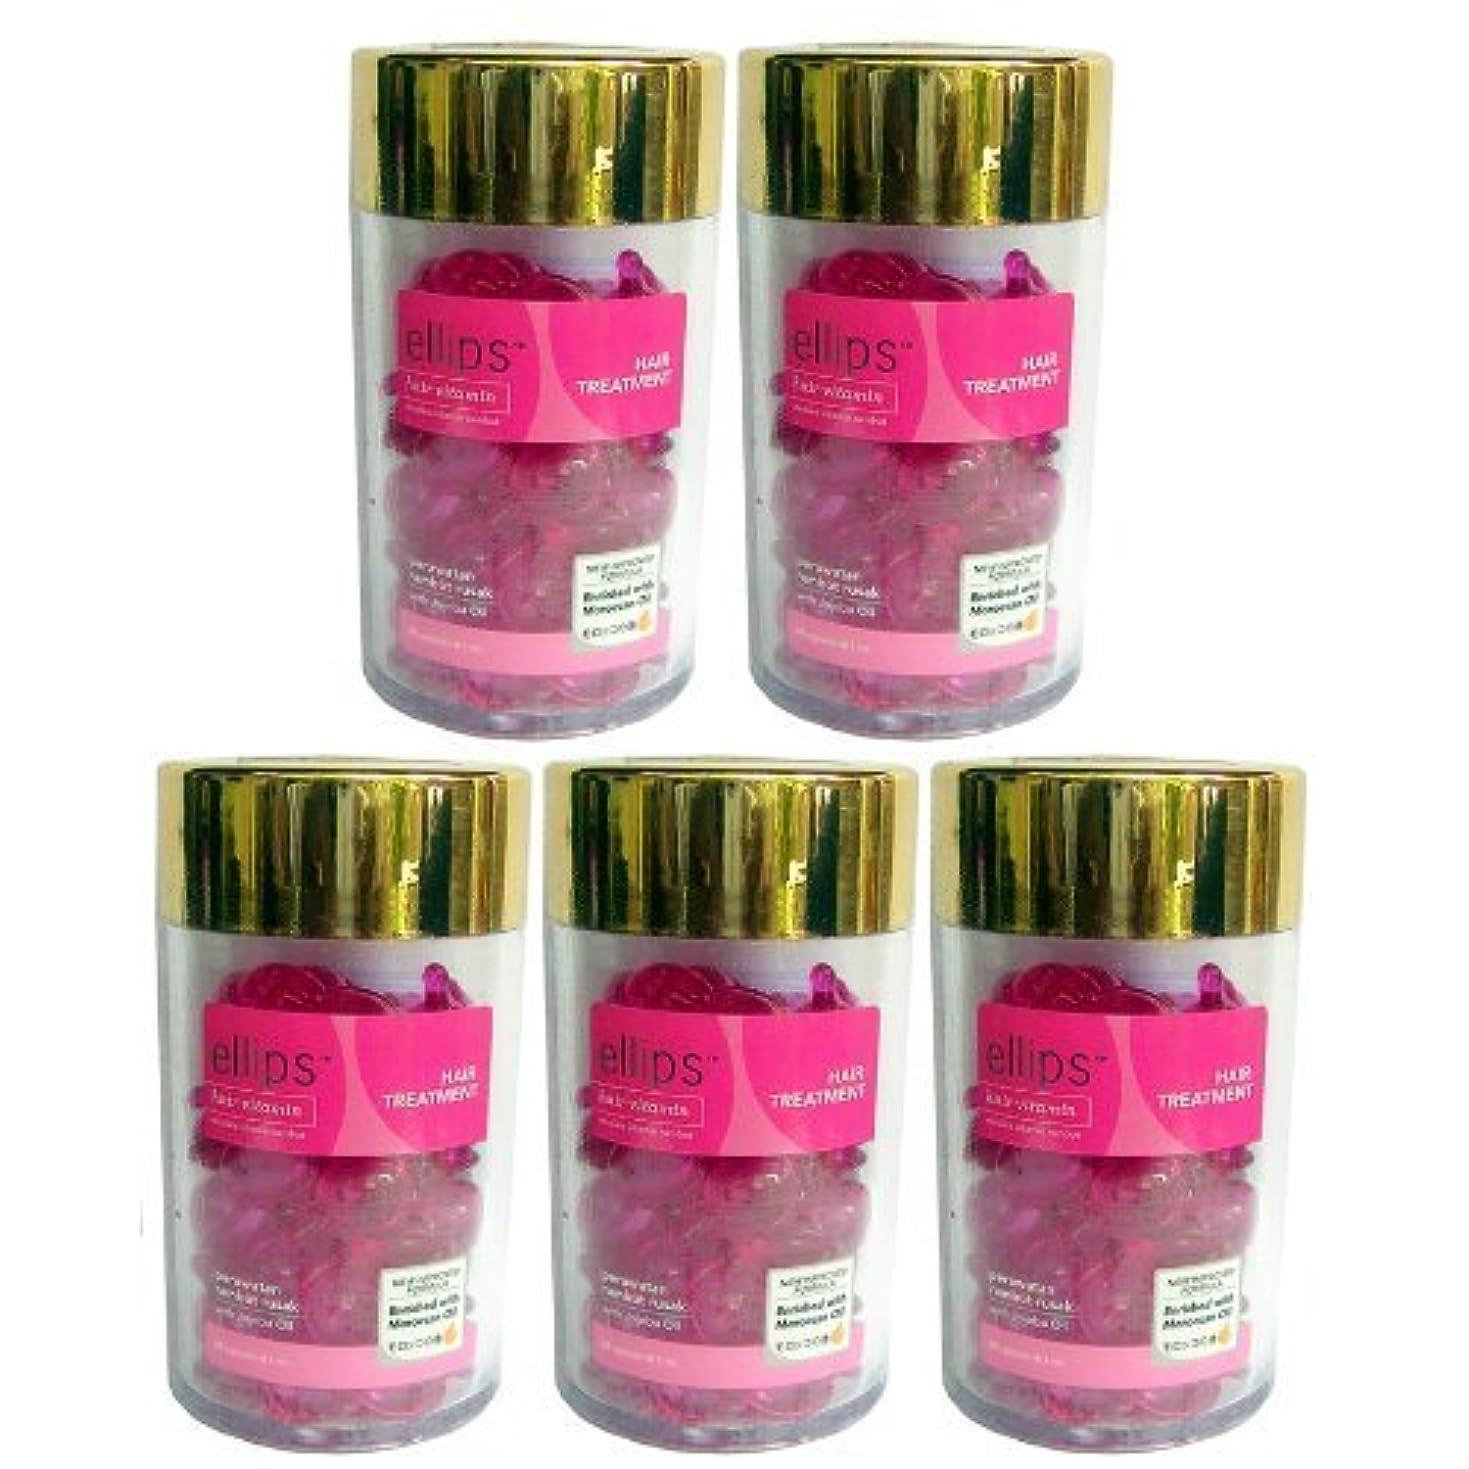 エジプト人ガレージスクワイアエリップス ellips ヘアビタミン洗い流さないヘアトリートメント(並行輸入品) (ピンク5本)